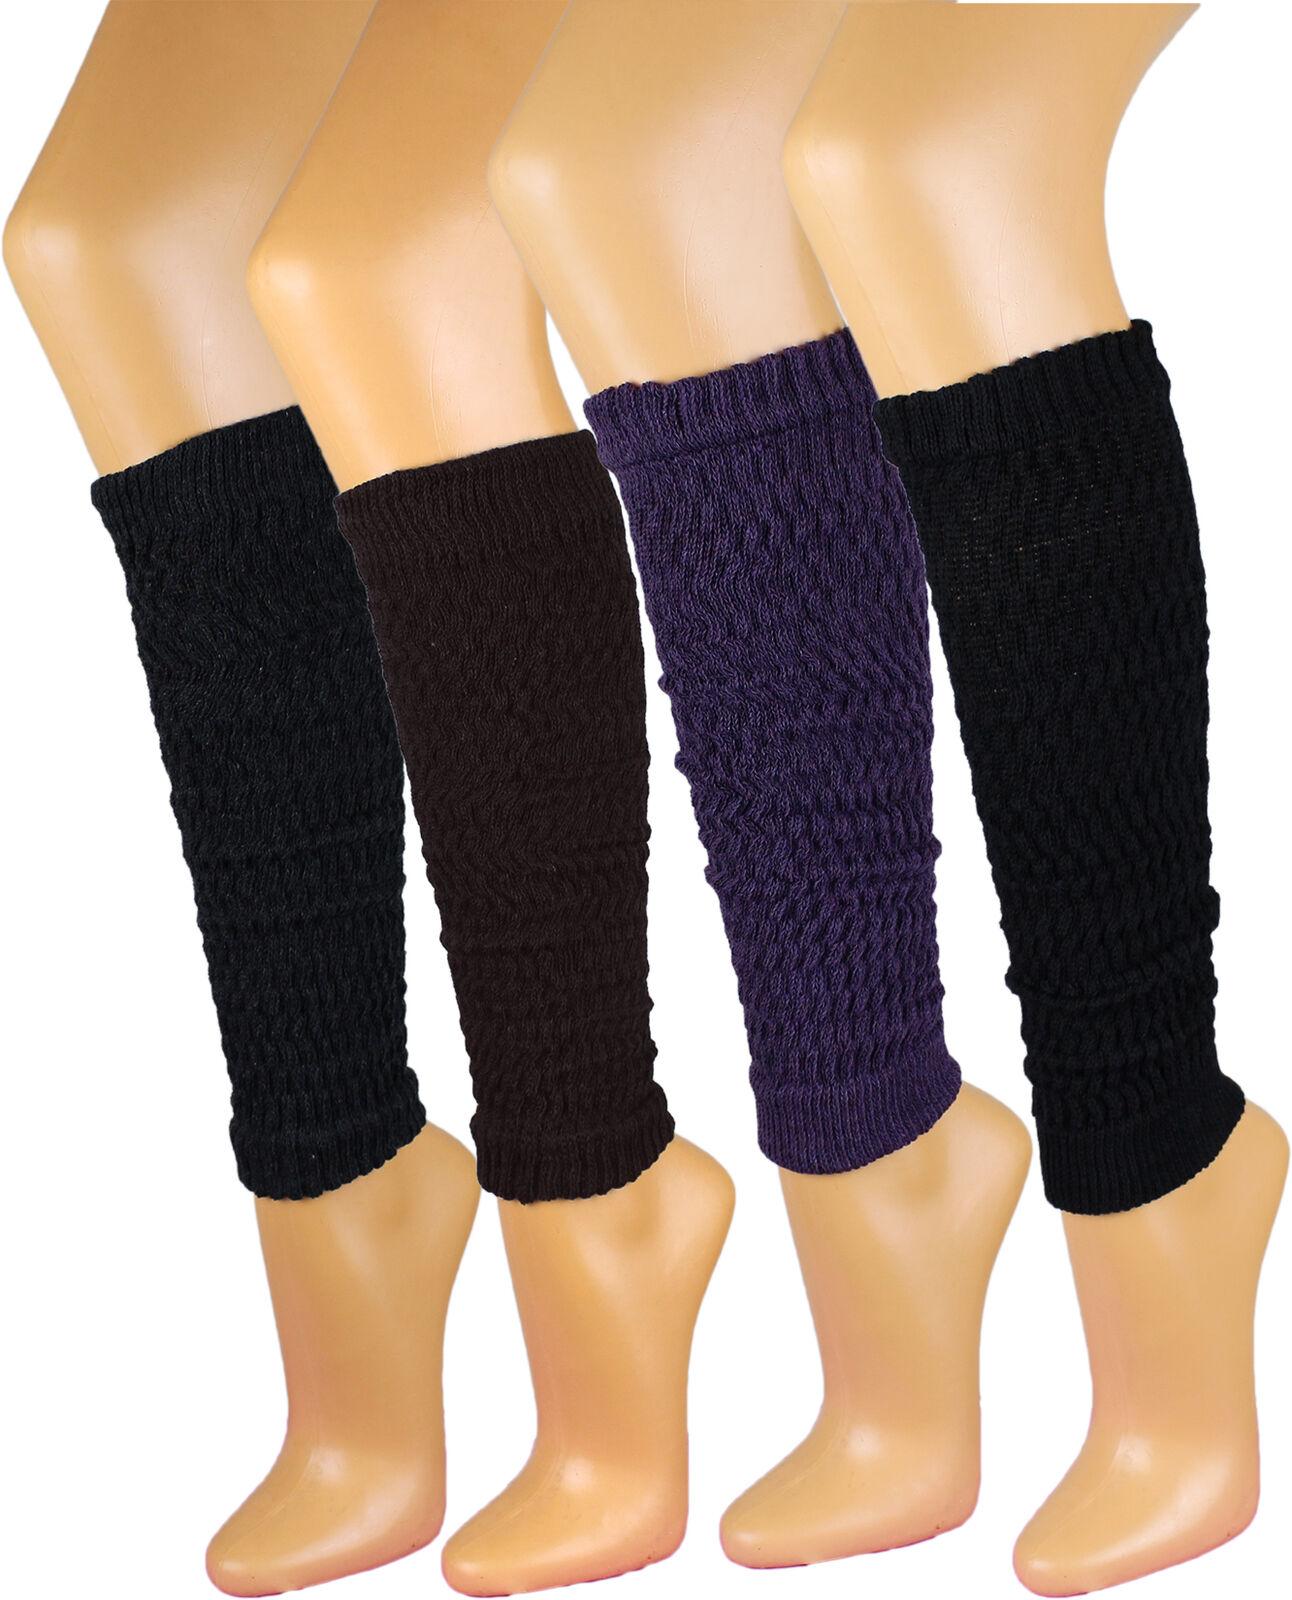 Damen Stulpen Legwarmer 65% Baumwolle Strümpfe Socken Damenstulpen